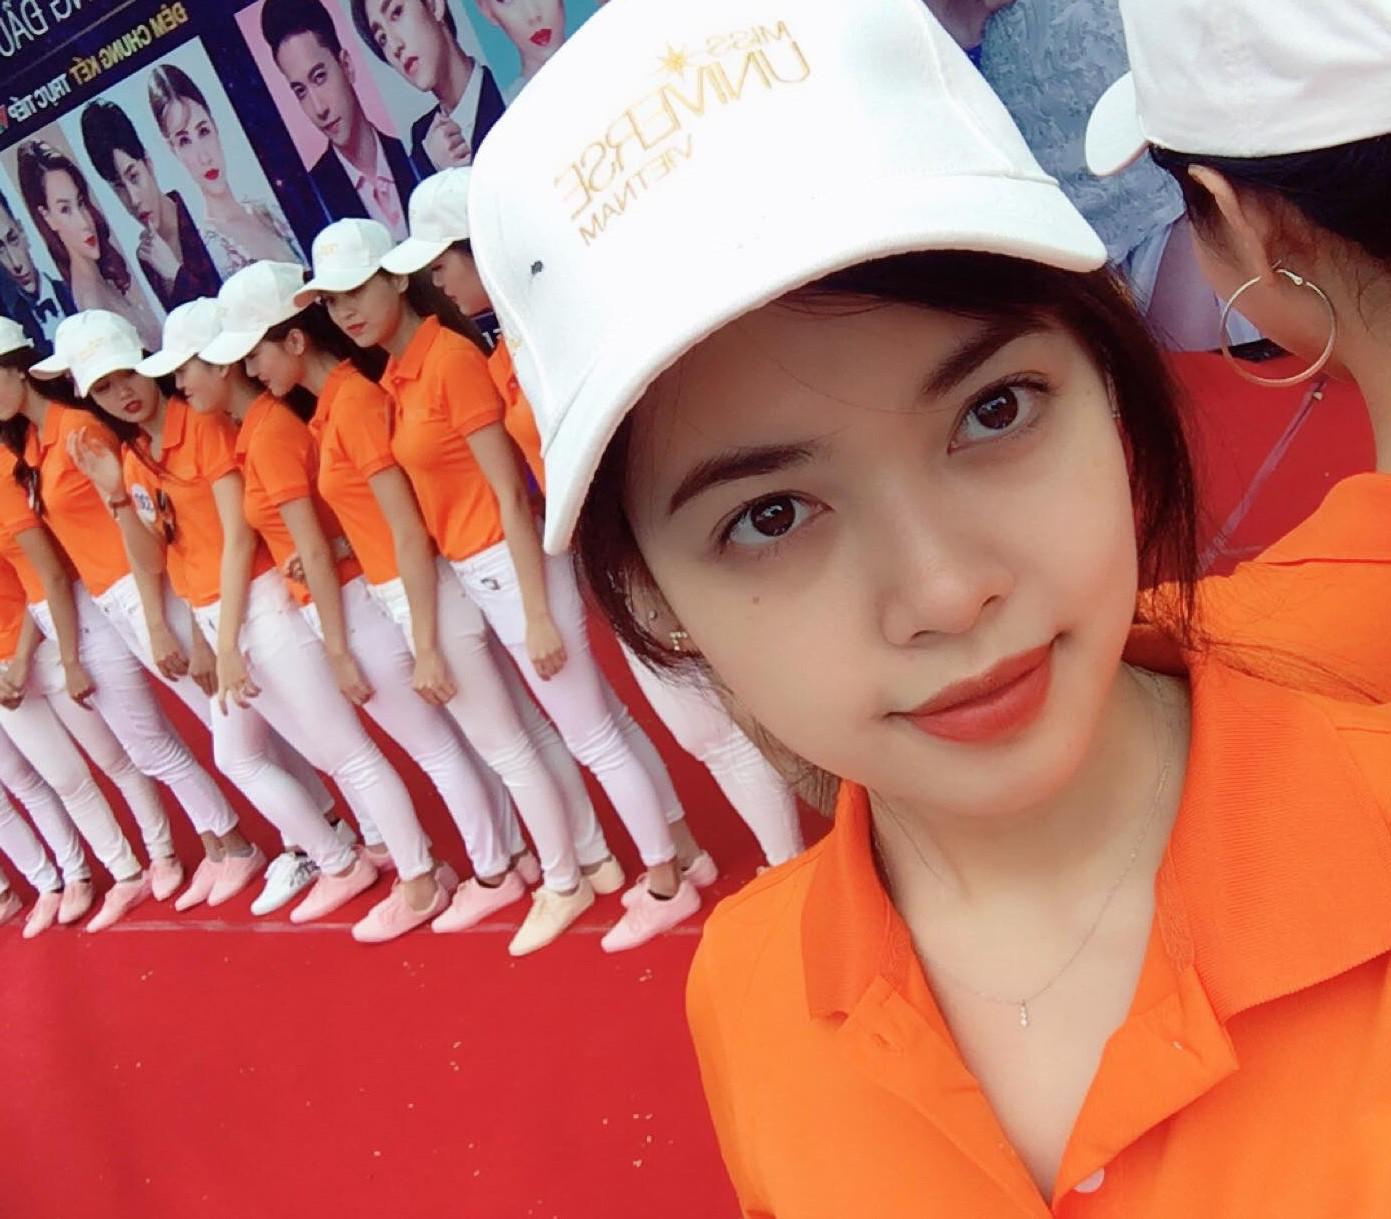 Hoa khôi, Á khôi tài sắc vẹn toàn chọn trở thành cô giáo, giảng viên ĐH - Ảnh 6.